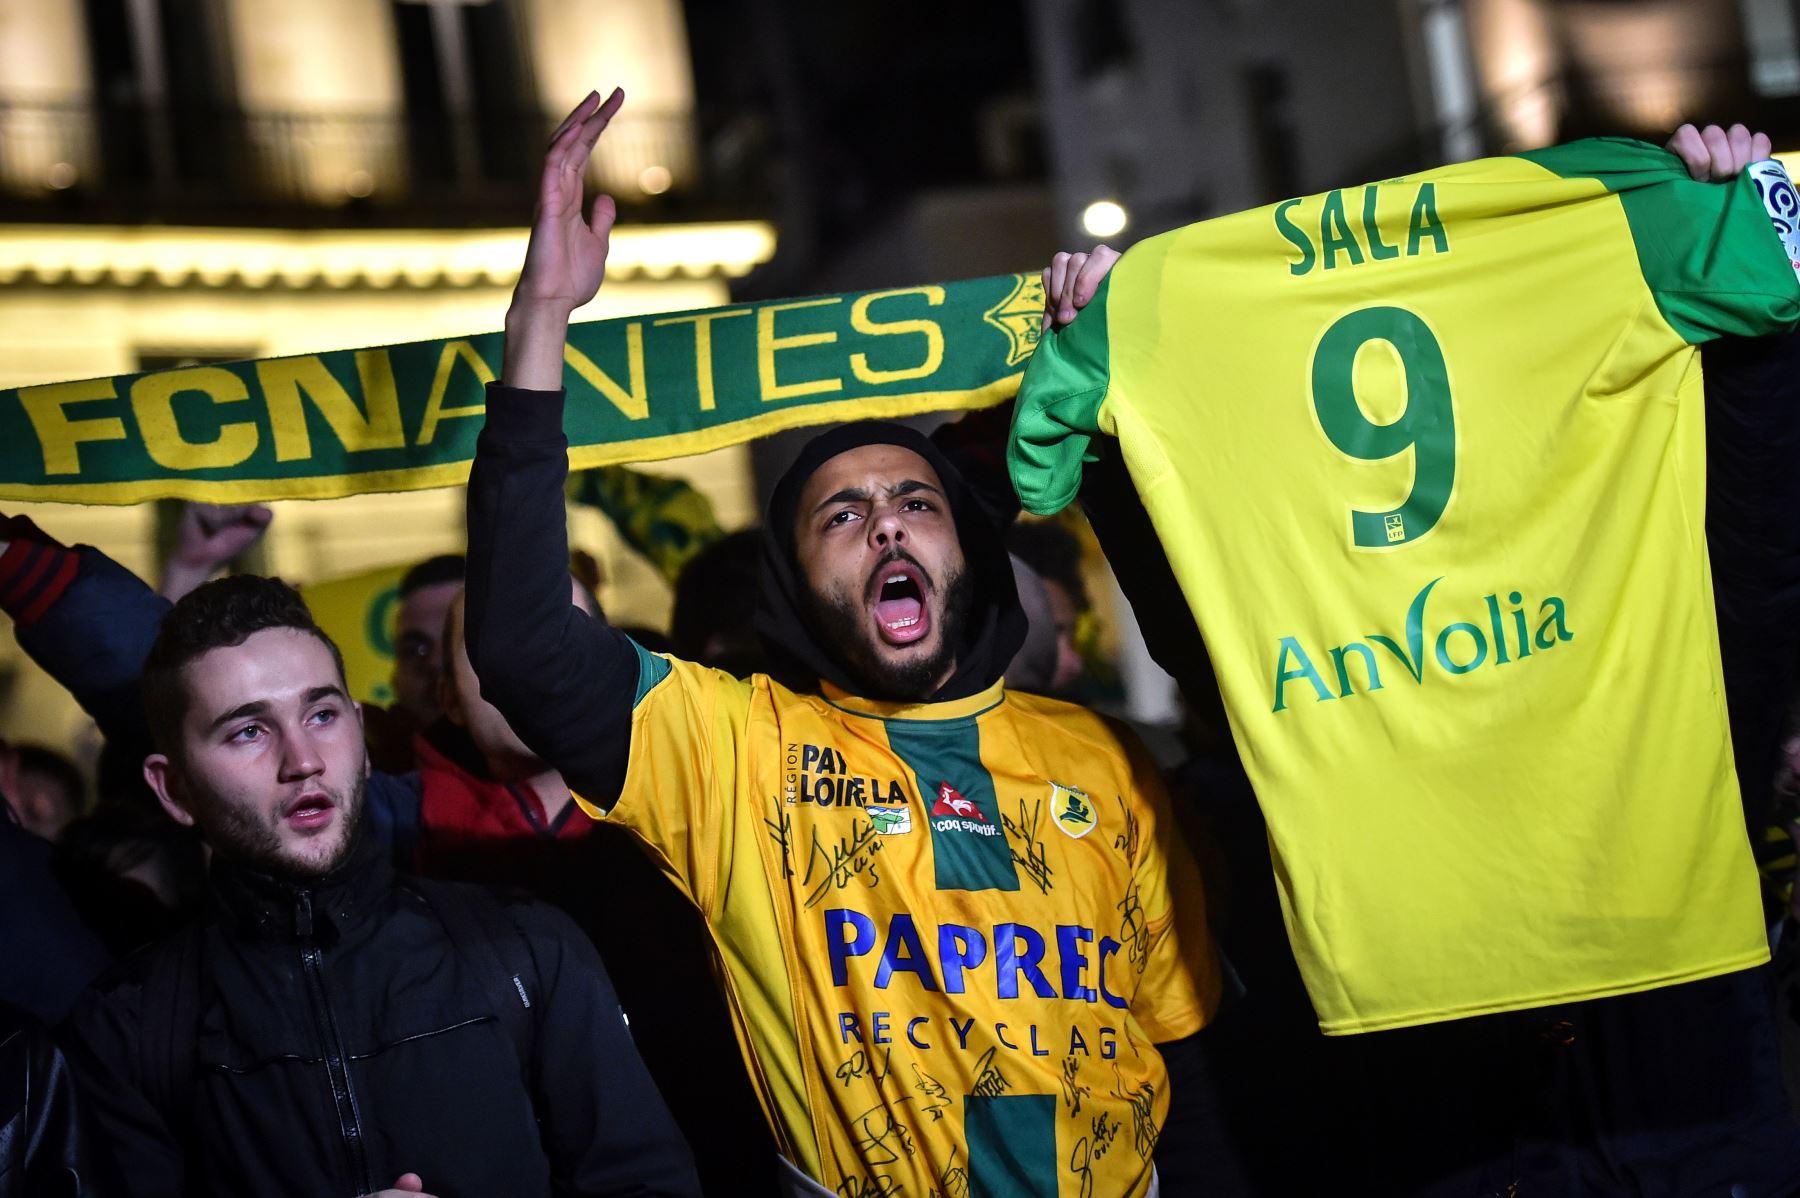 Desde la desaparición del avión donde viajaba Emiliano Sala su equipo, Nantes, e hinchada lamentan su partida. AFP